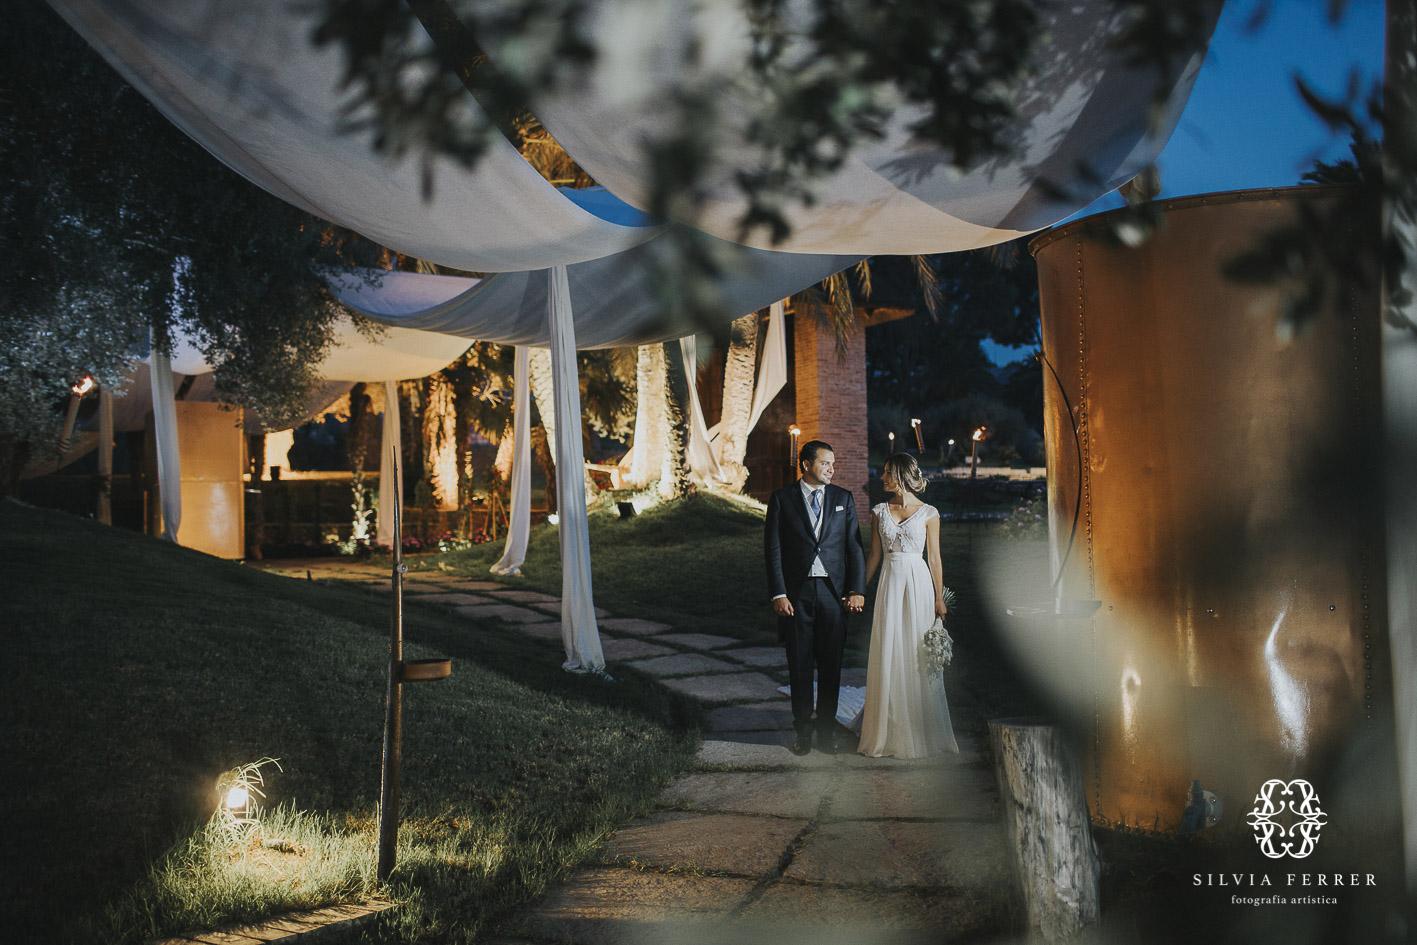 boda de noche en fincfa buenavista